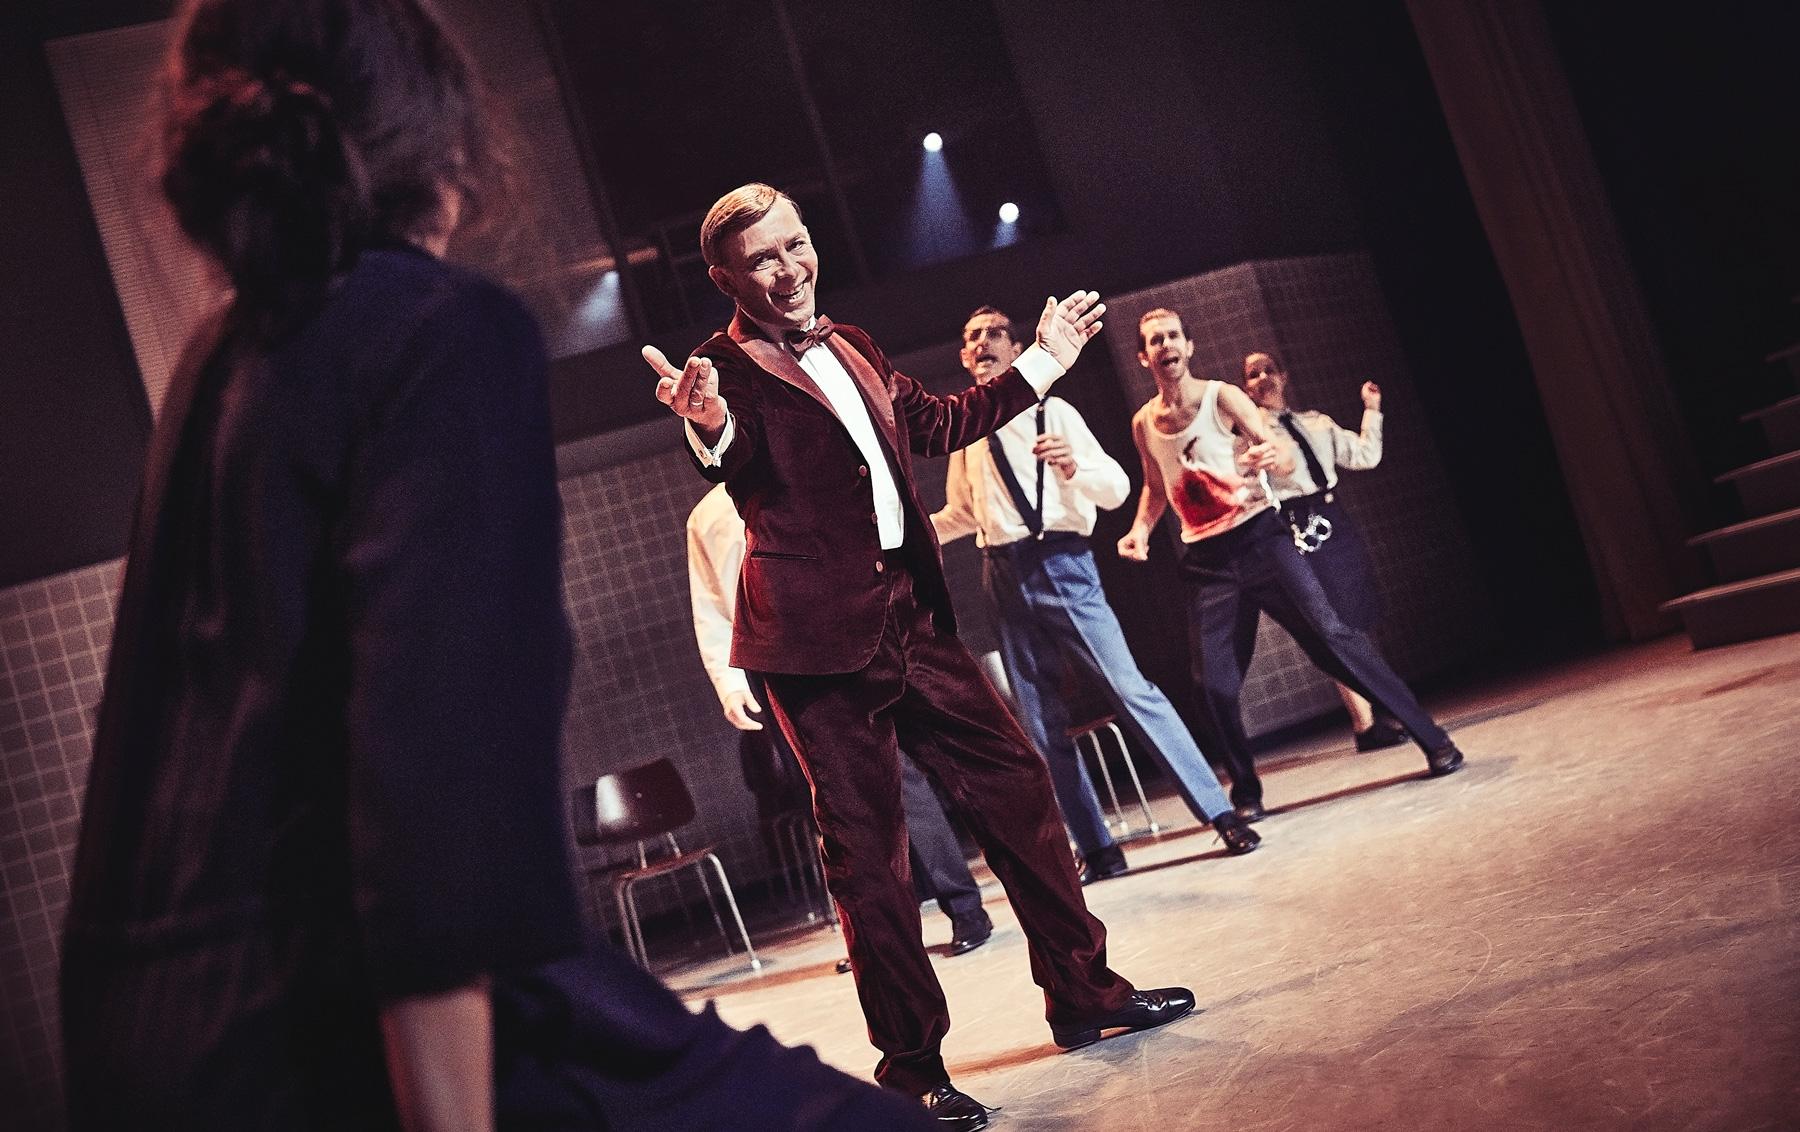 """Anmeldelse: Teaterudgaven af """"Dancer in the Dark"""" bankede til det store følelsesapparat"""